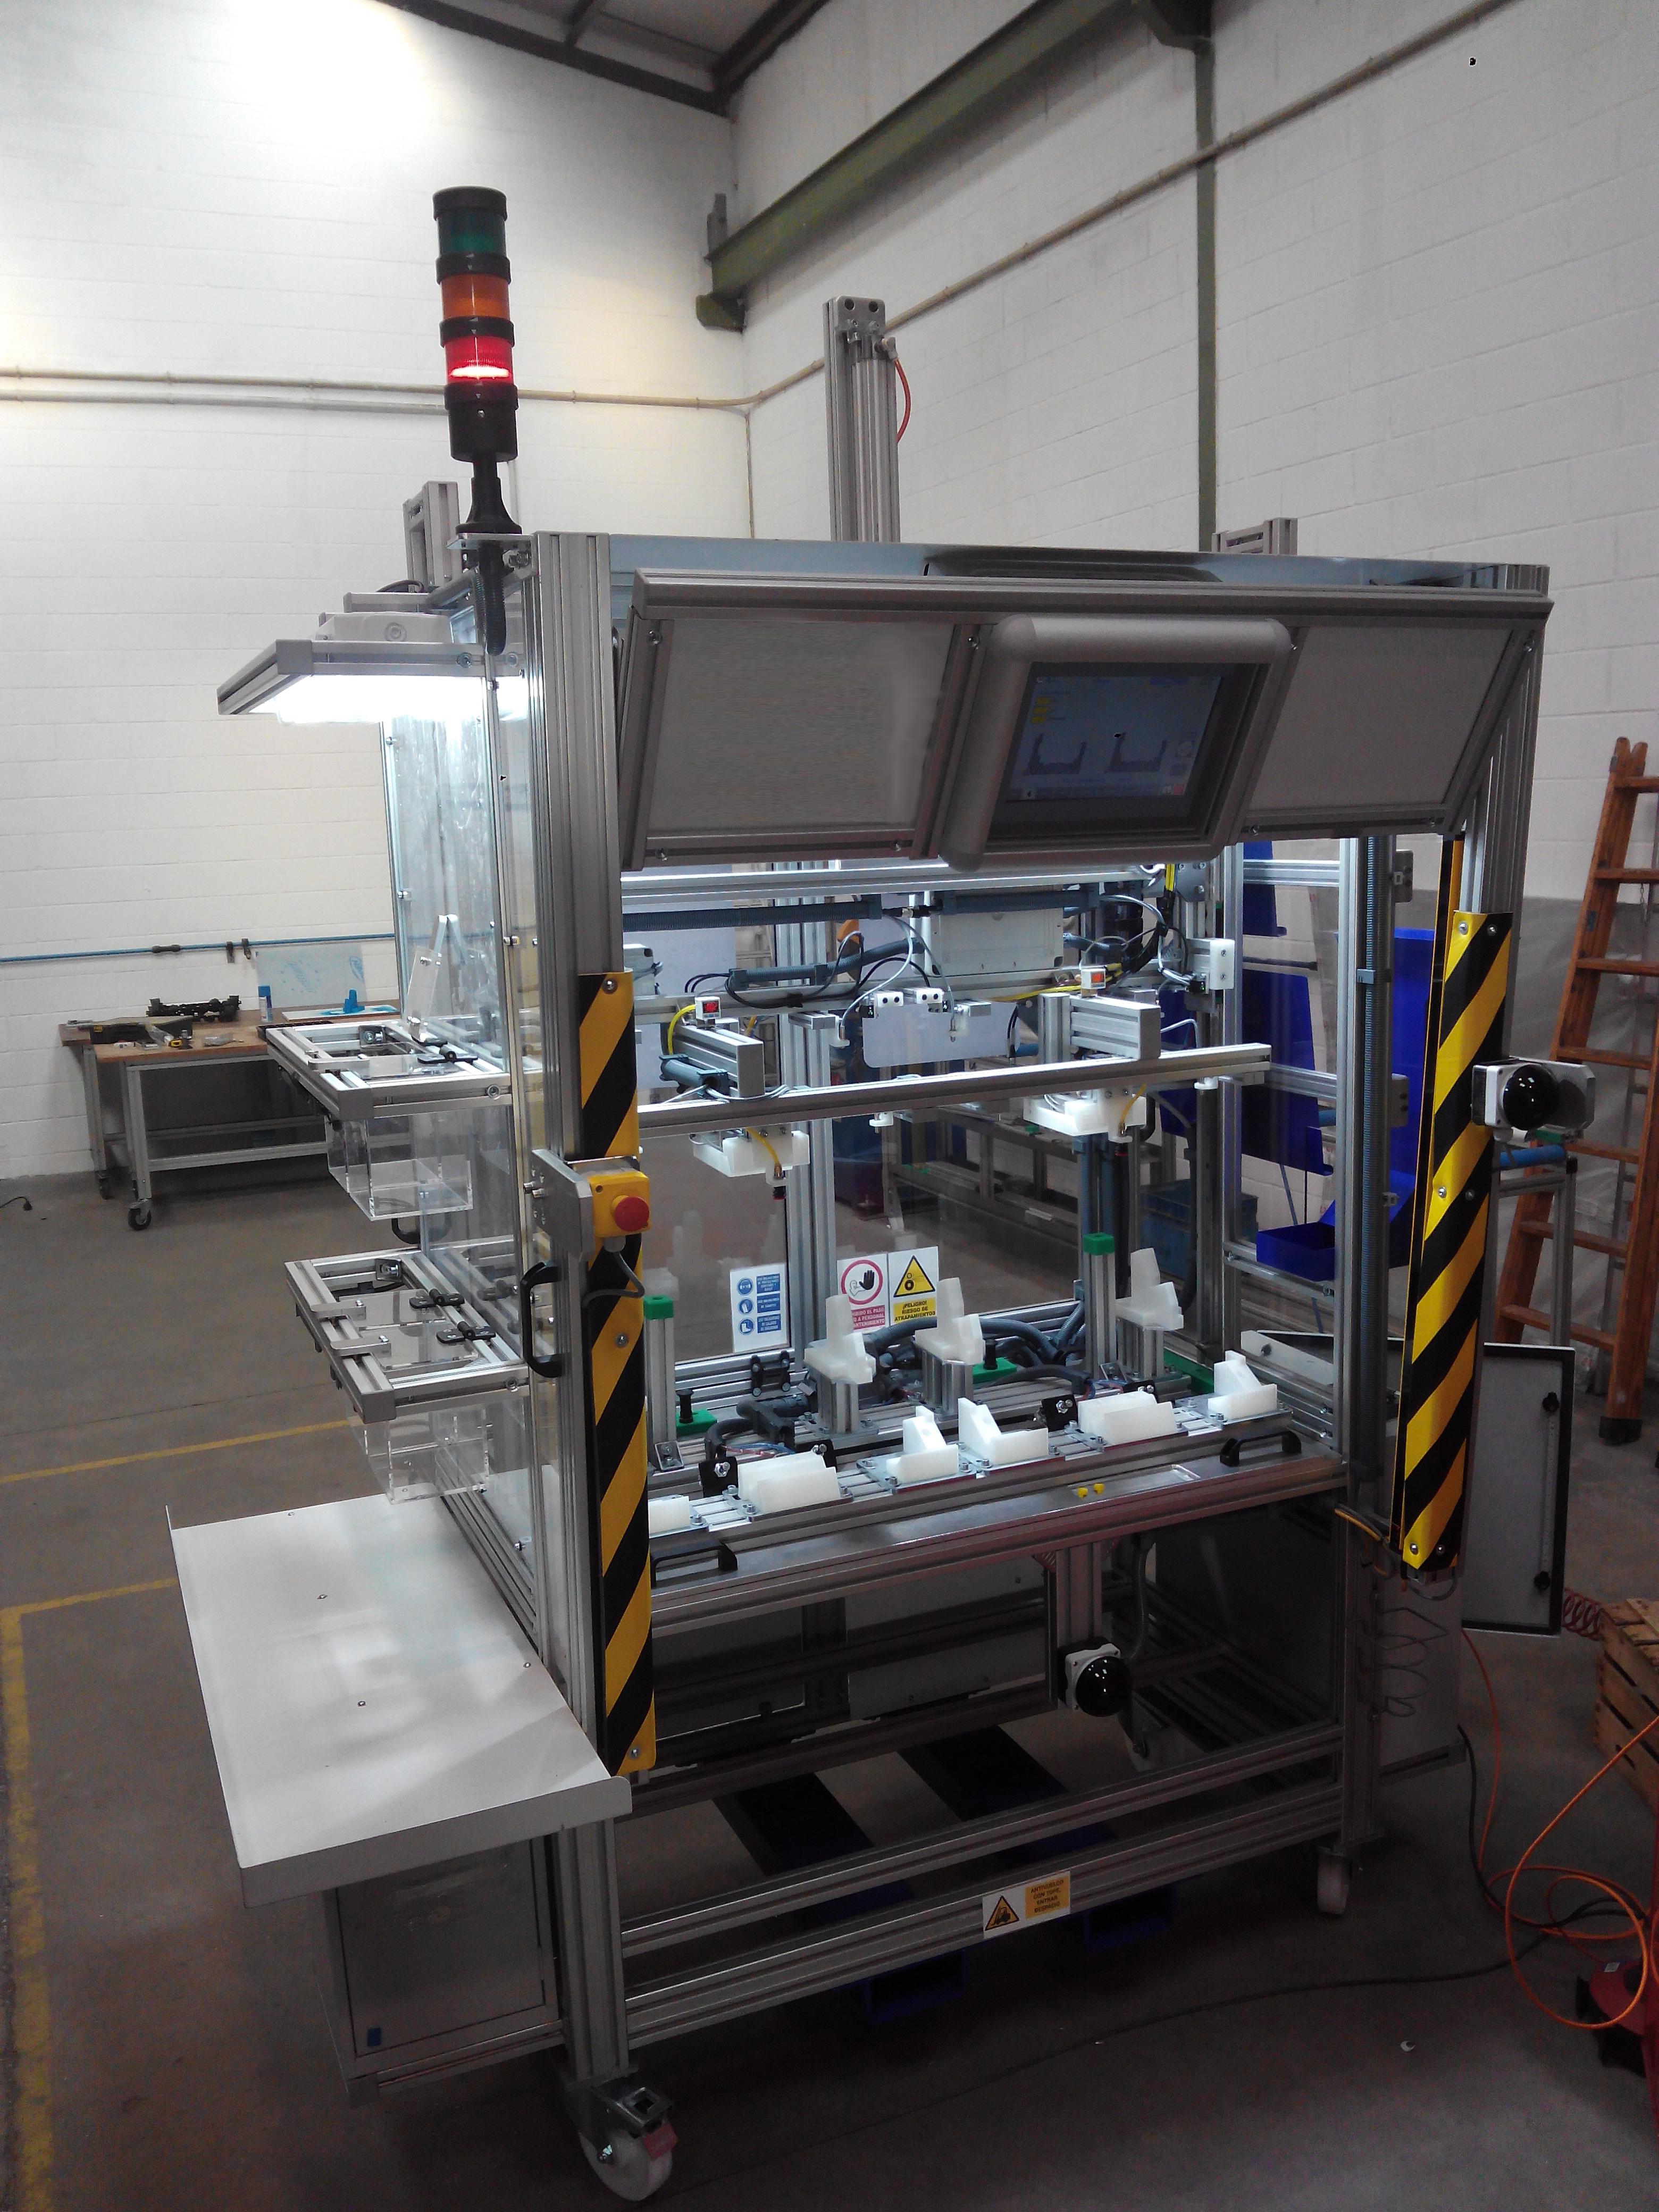 Puestos de trabajo para verificación de piezas de inyección de plástico